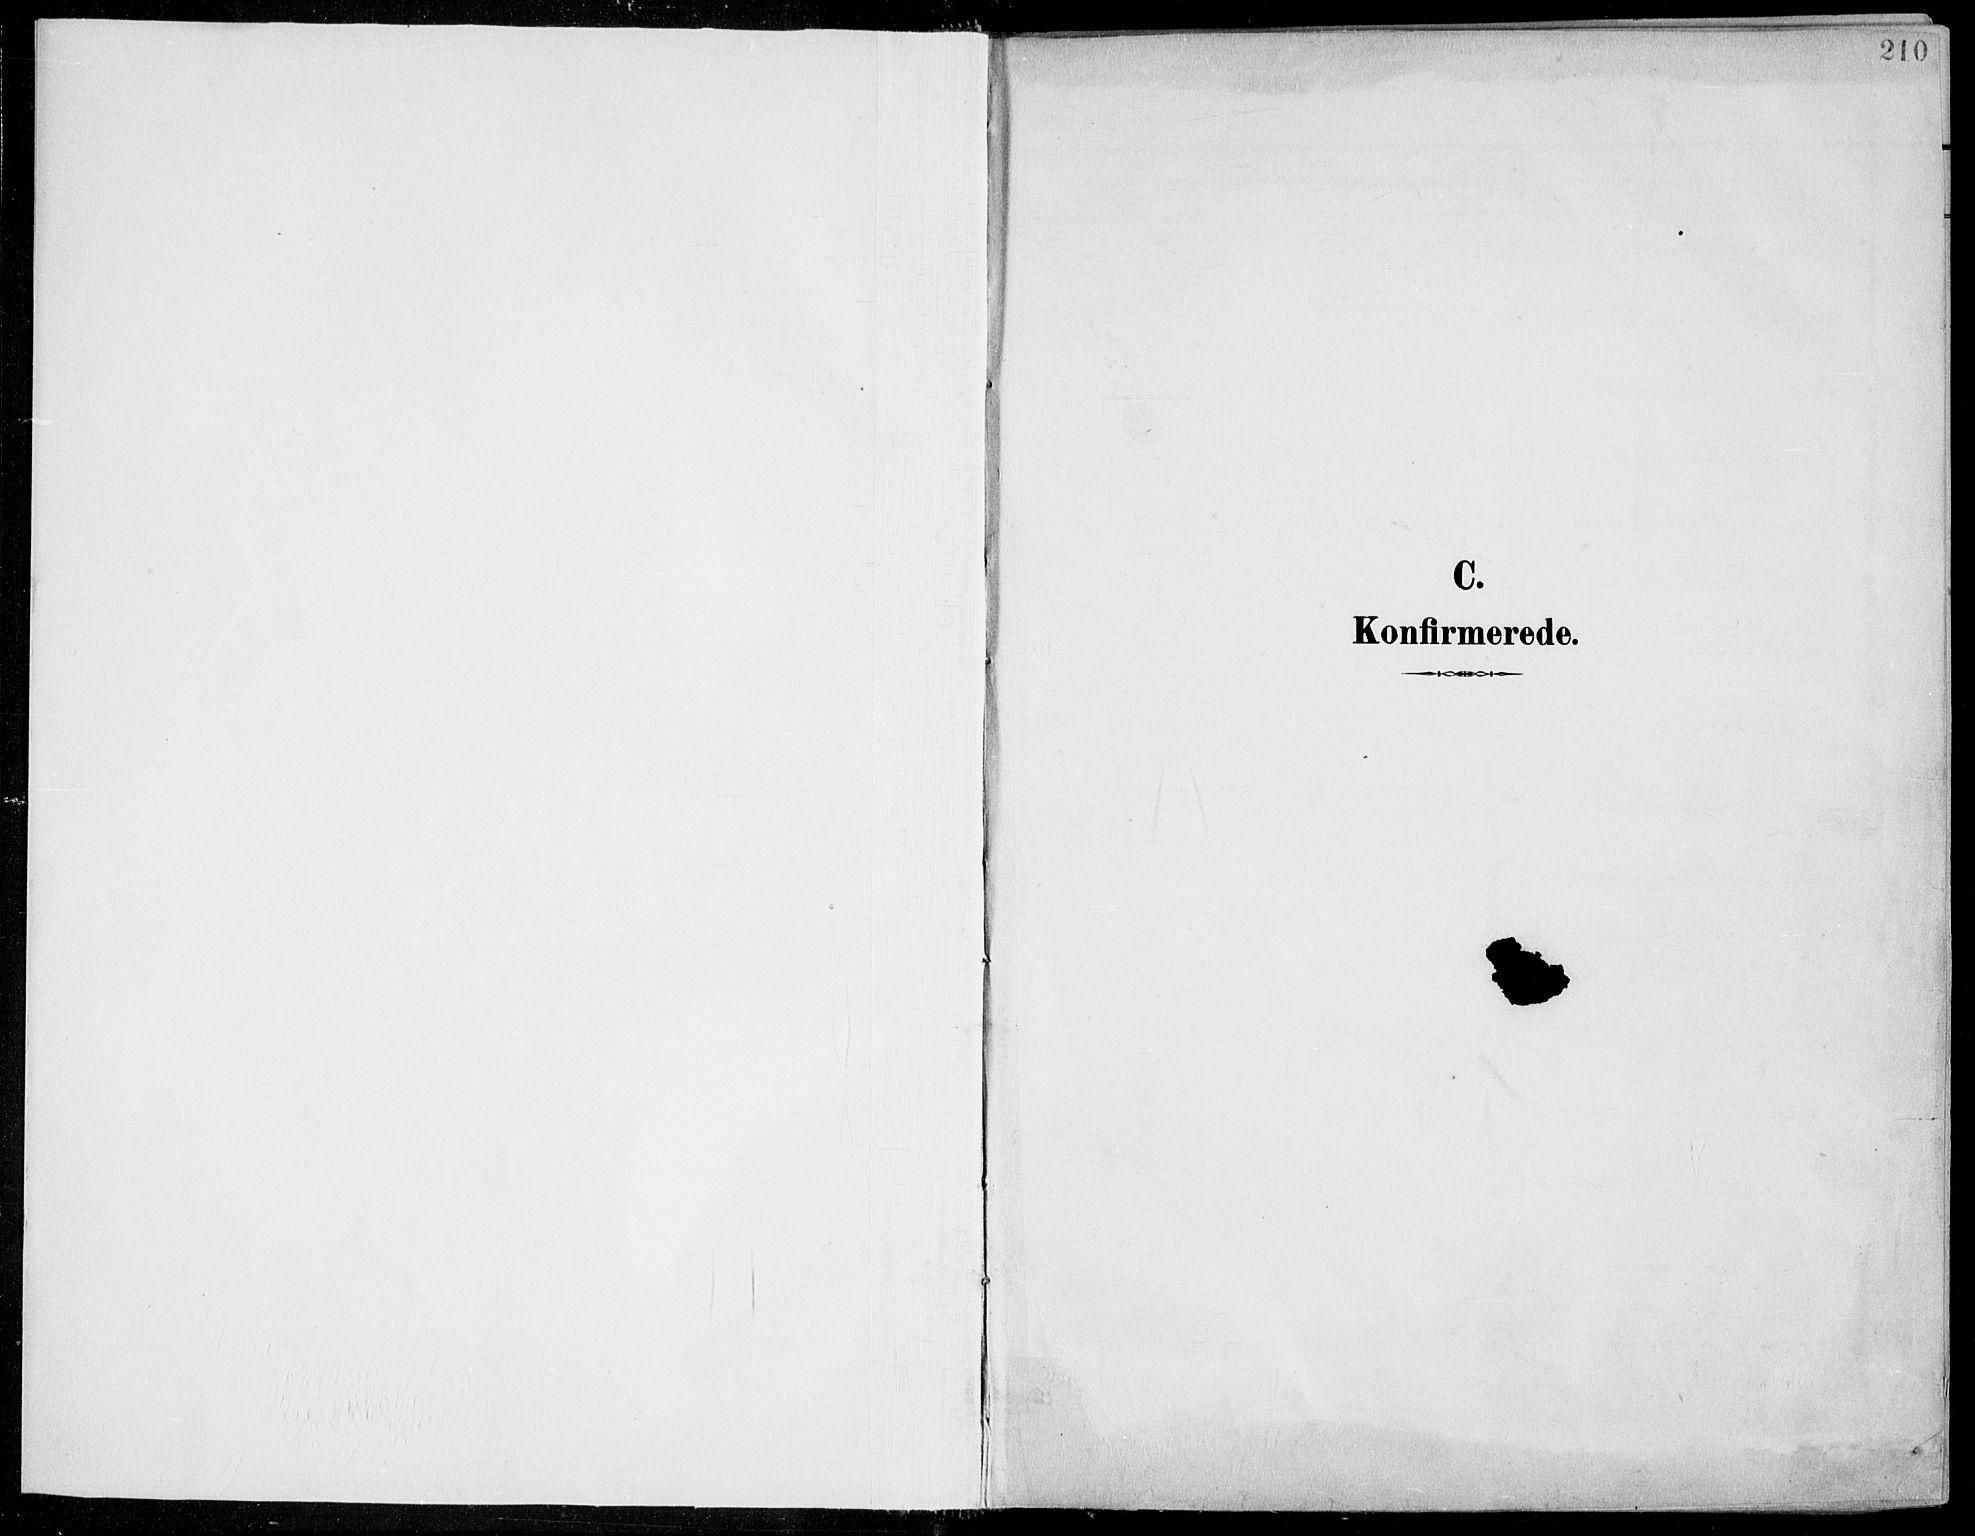 SAKO, Porsgrunn kirkebøker , F/Fa/L0011: Ministerialbok nr. 11, 1895-1919, s. 210